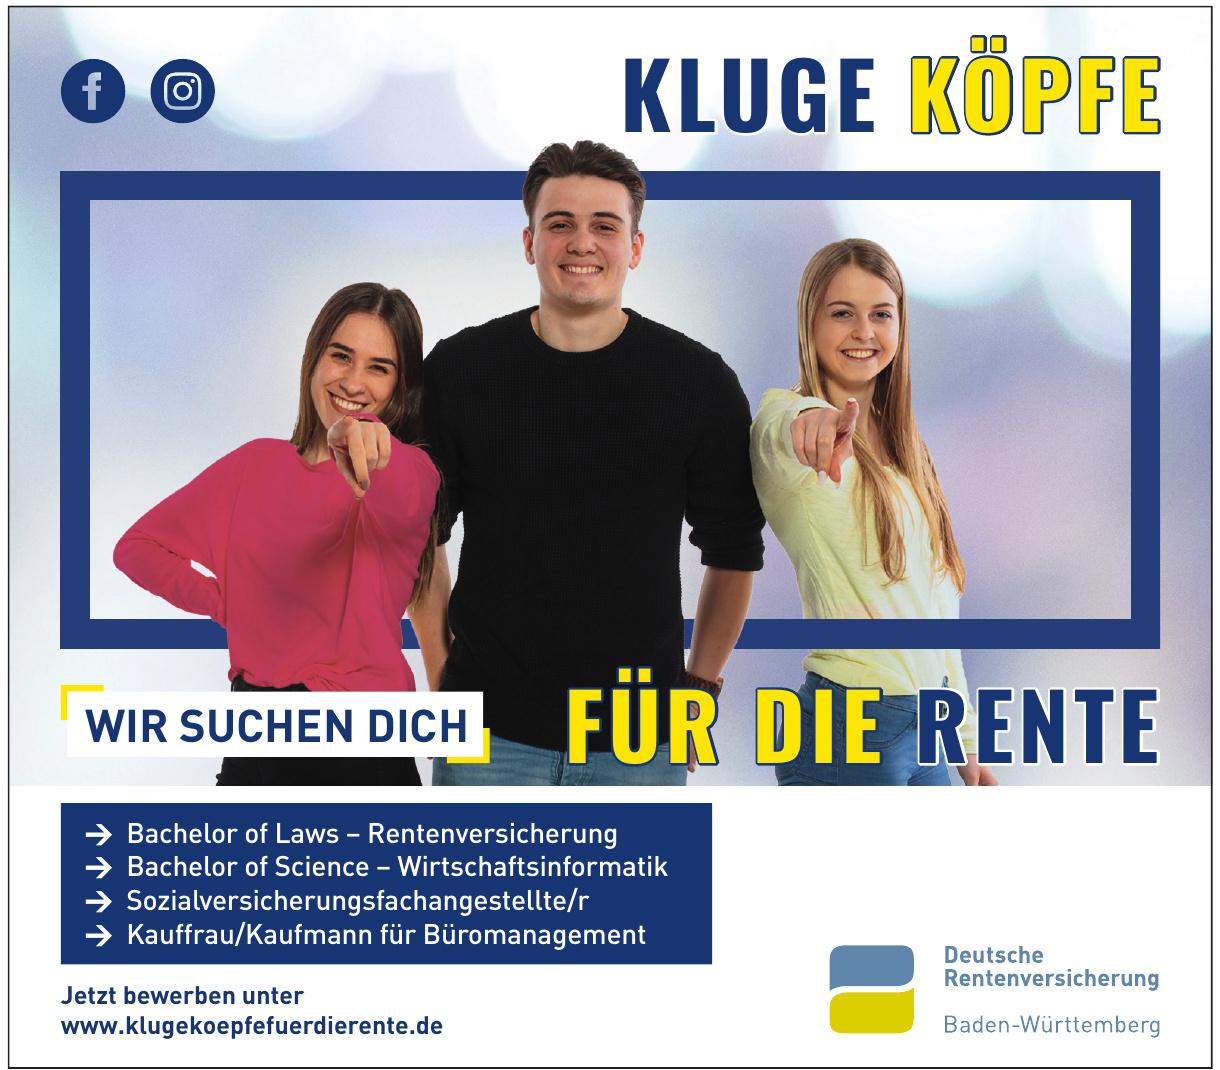 Deutsche Renteversicherung